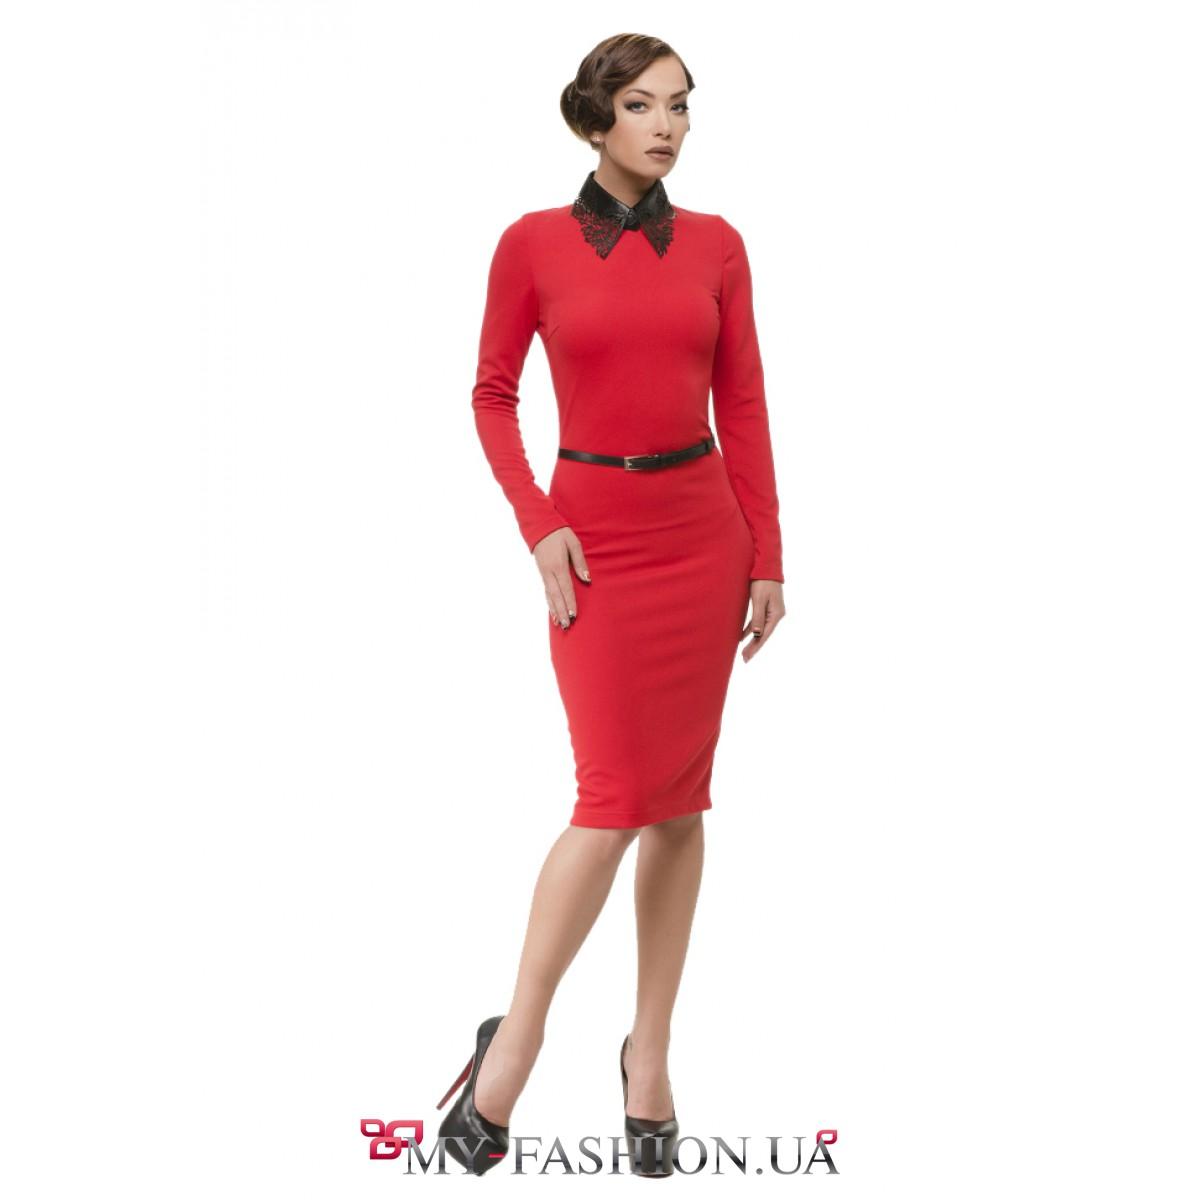 Женская Одежда Ветровки Доставка